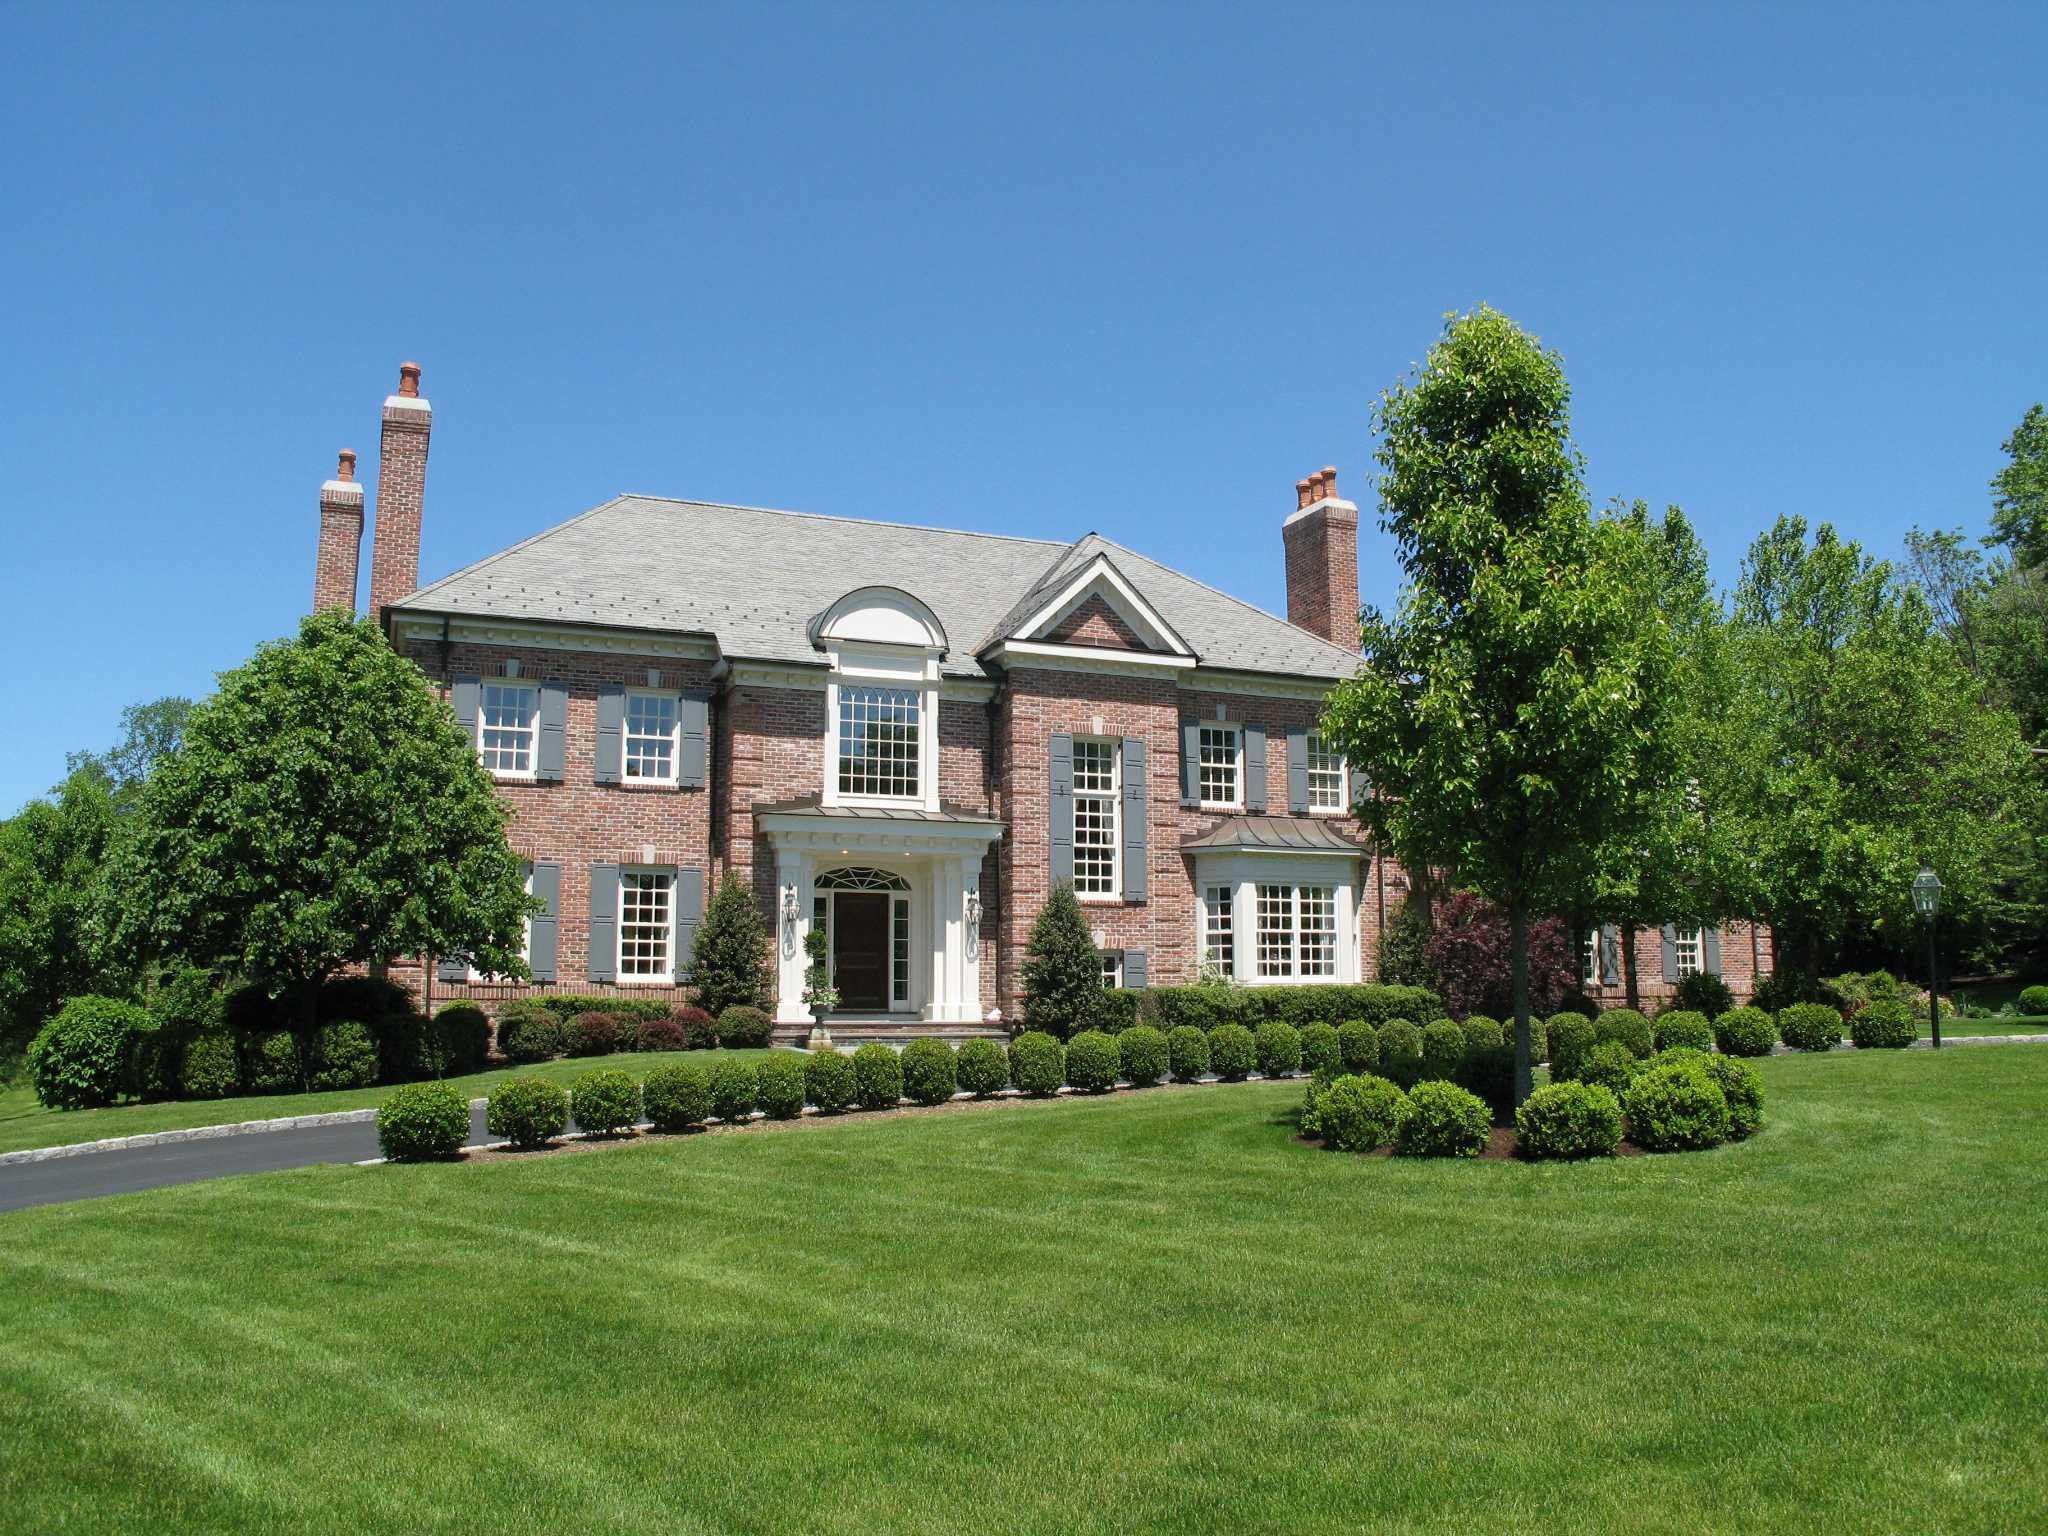 Brick And Slate Estate Boasts 10 000